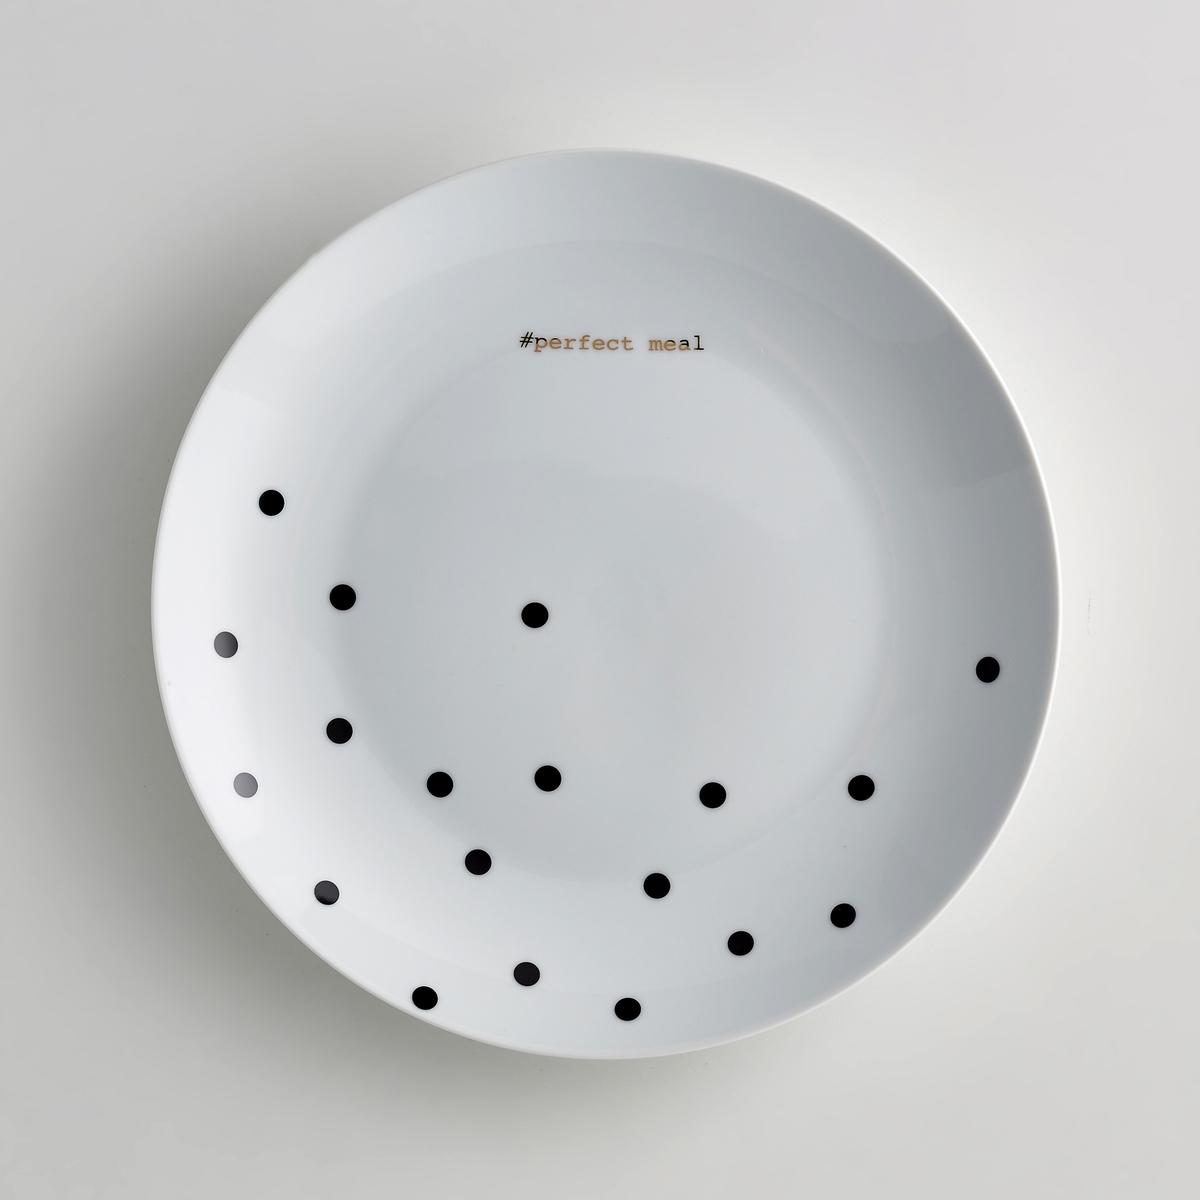 Комплект из 4 мелких тарелок из фарфора KublerХарактеристики тарелок из фарфора Kubler :- Мелкие тарелки из фарфора  - Диаметр : 26, 5 см- Подходят для мытья в посудомоечной машине - Не подходят для использования в микроволновой печи  - Продаются в комплекте из 4 штук в подарочной коробкеОткройте для себя всю коллекцию посуды из фарфора Kubler<br><br>Цвет: черный в горошек